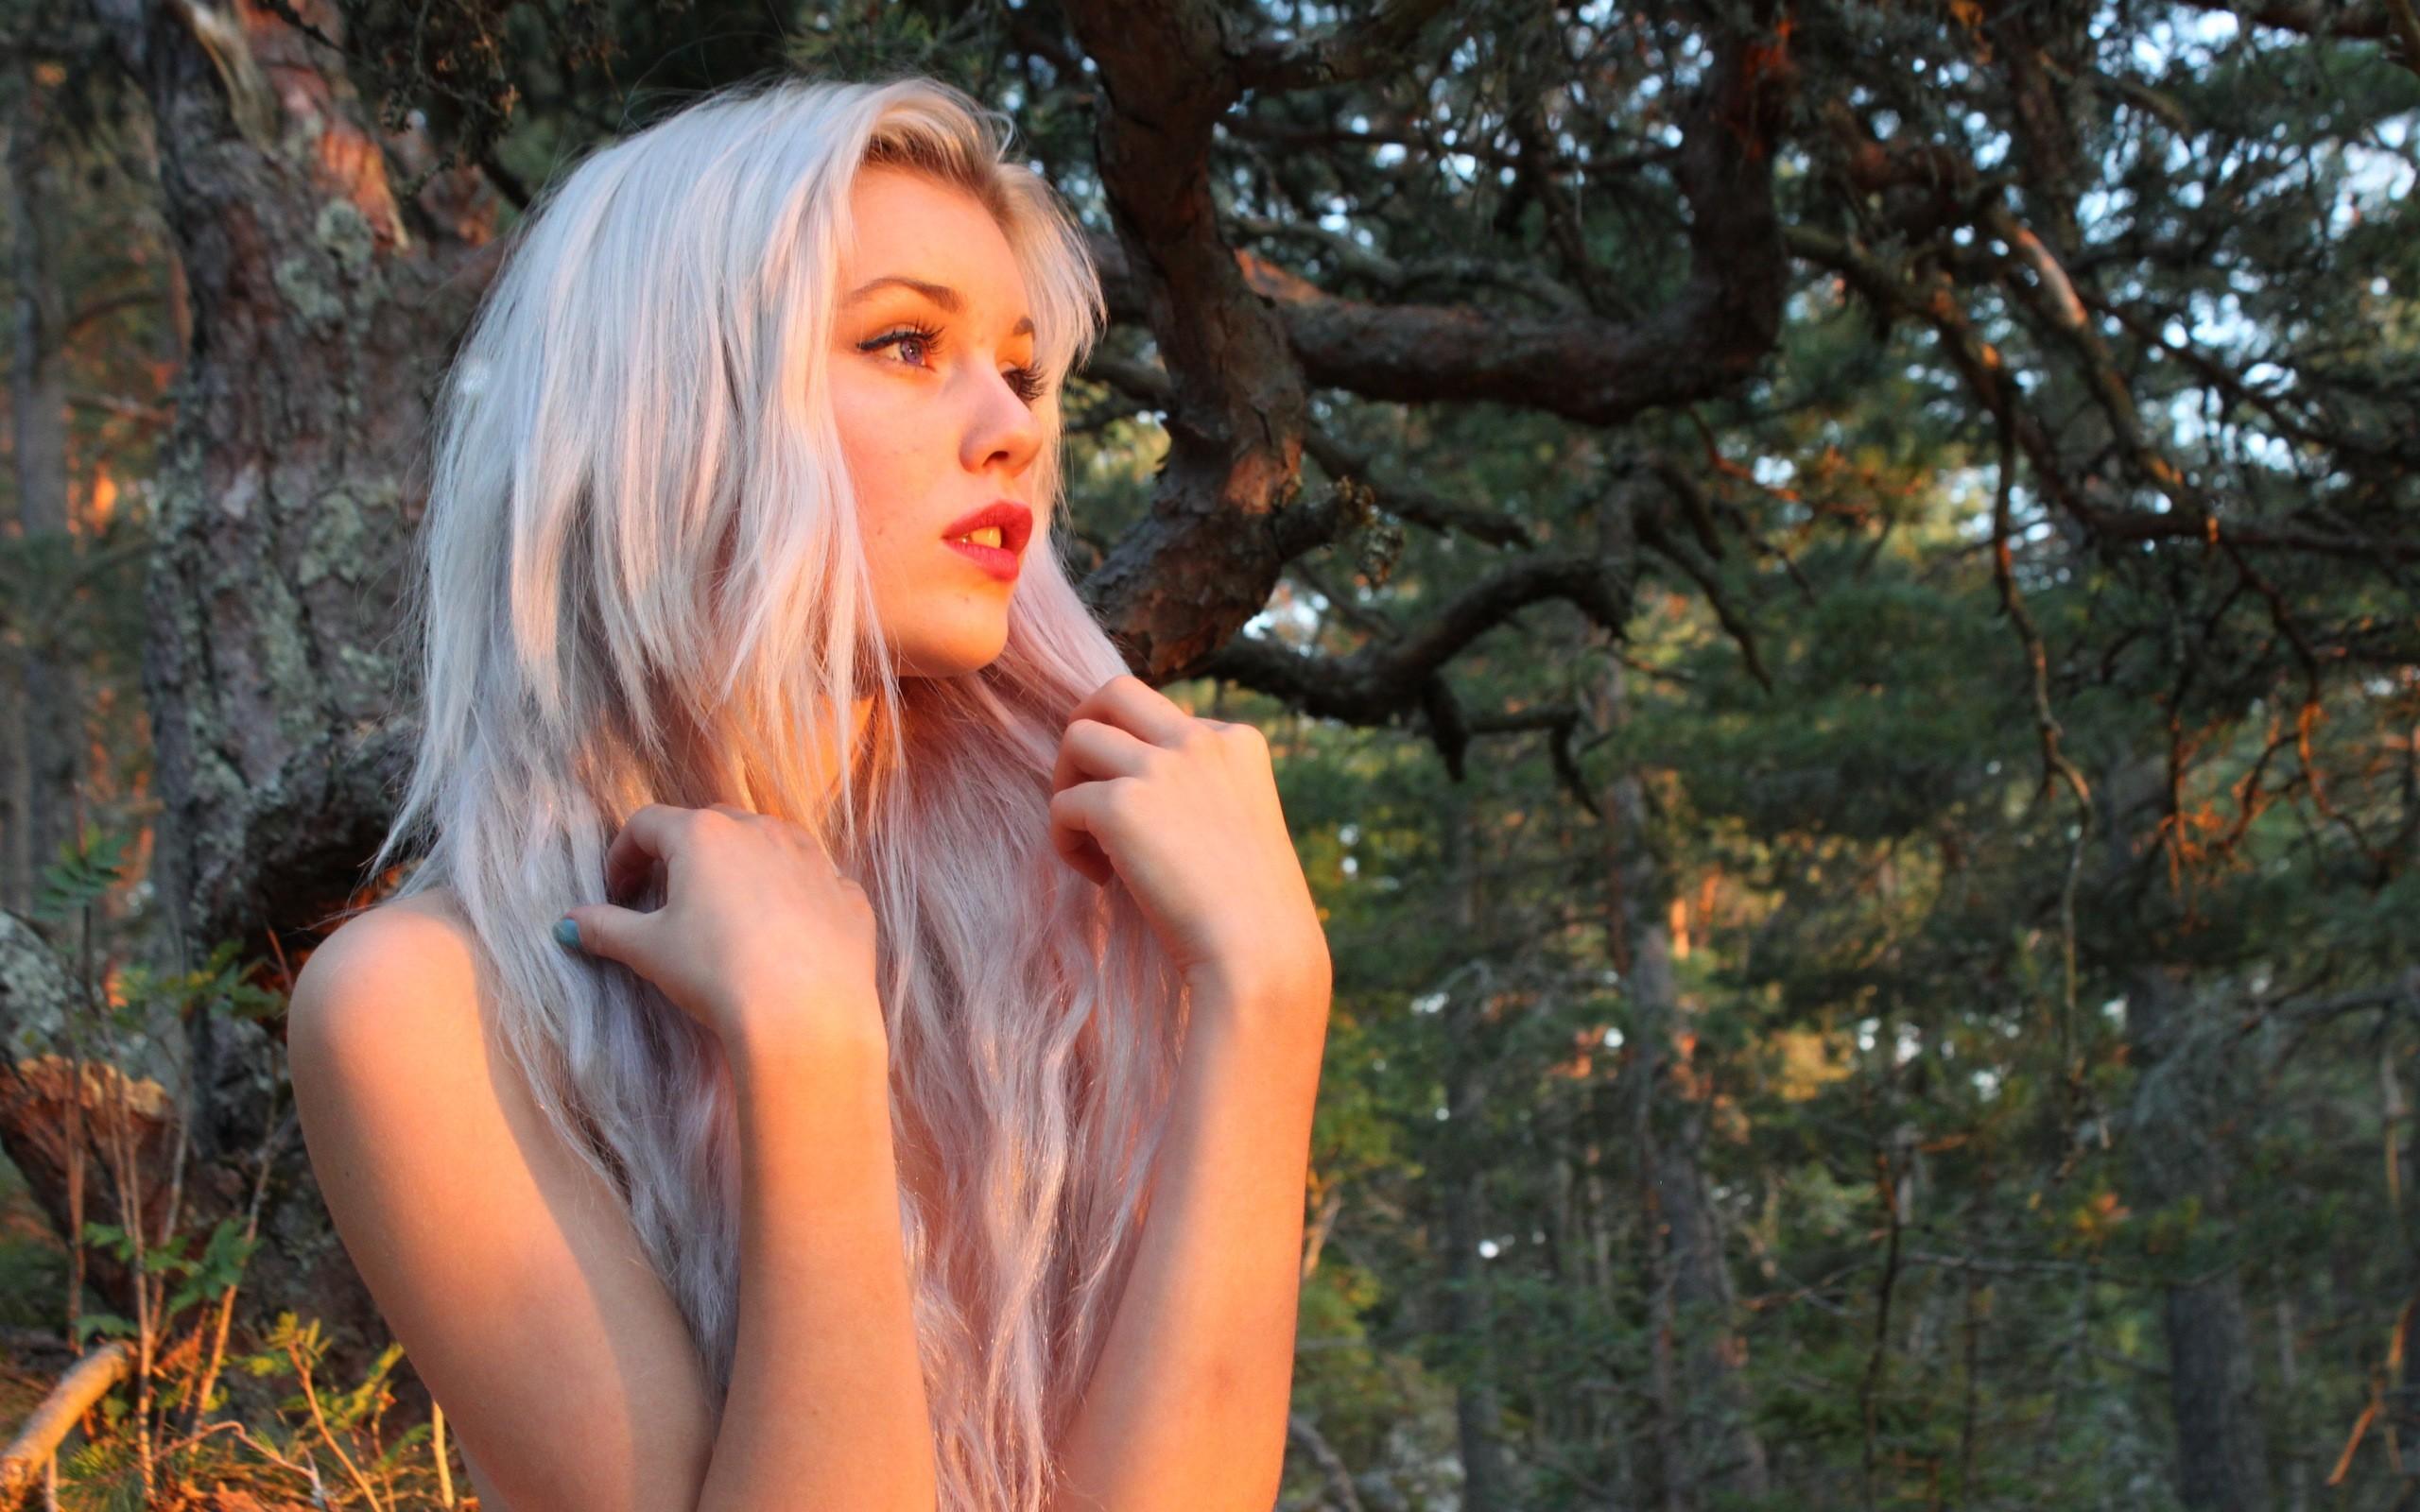 Wallpaper : face, sunlight, forest, women outdoors, model